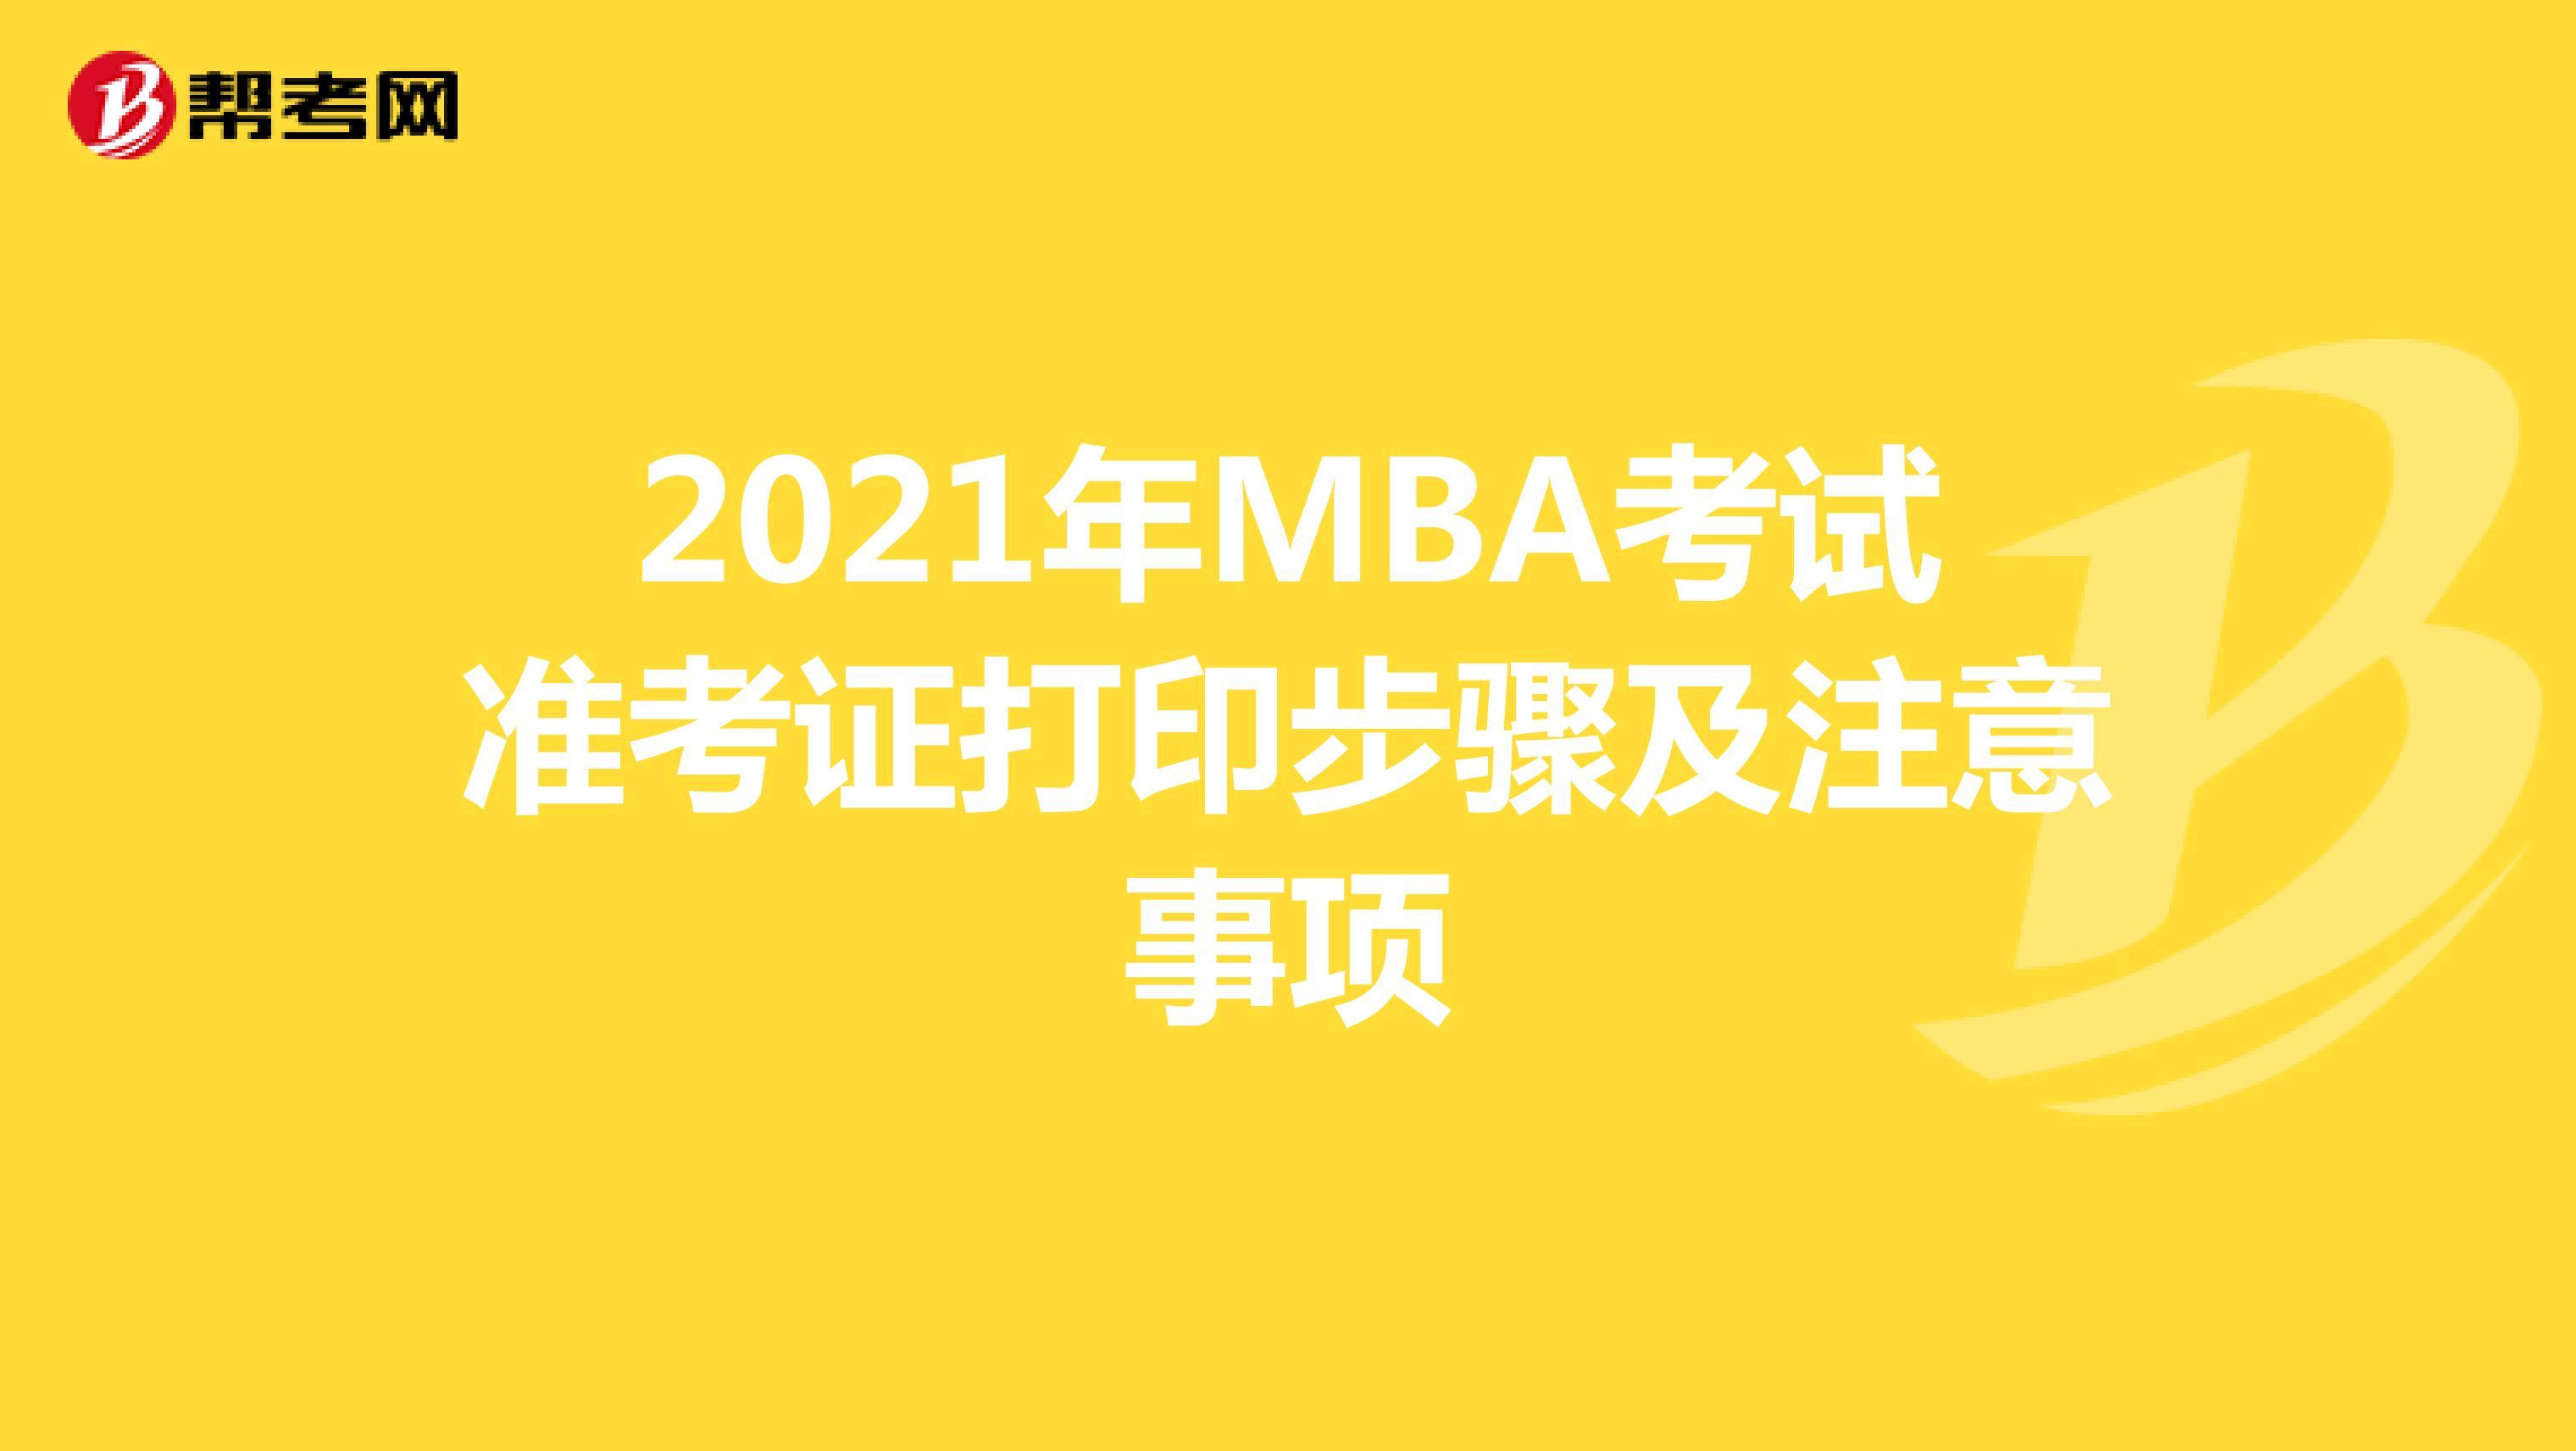 2021年MBA考試準考證打印步驟及注意事項